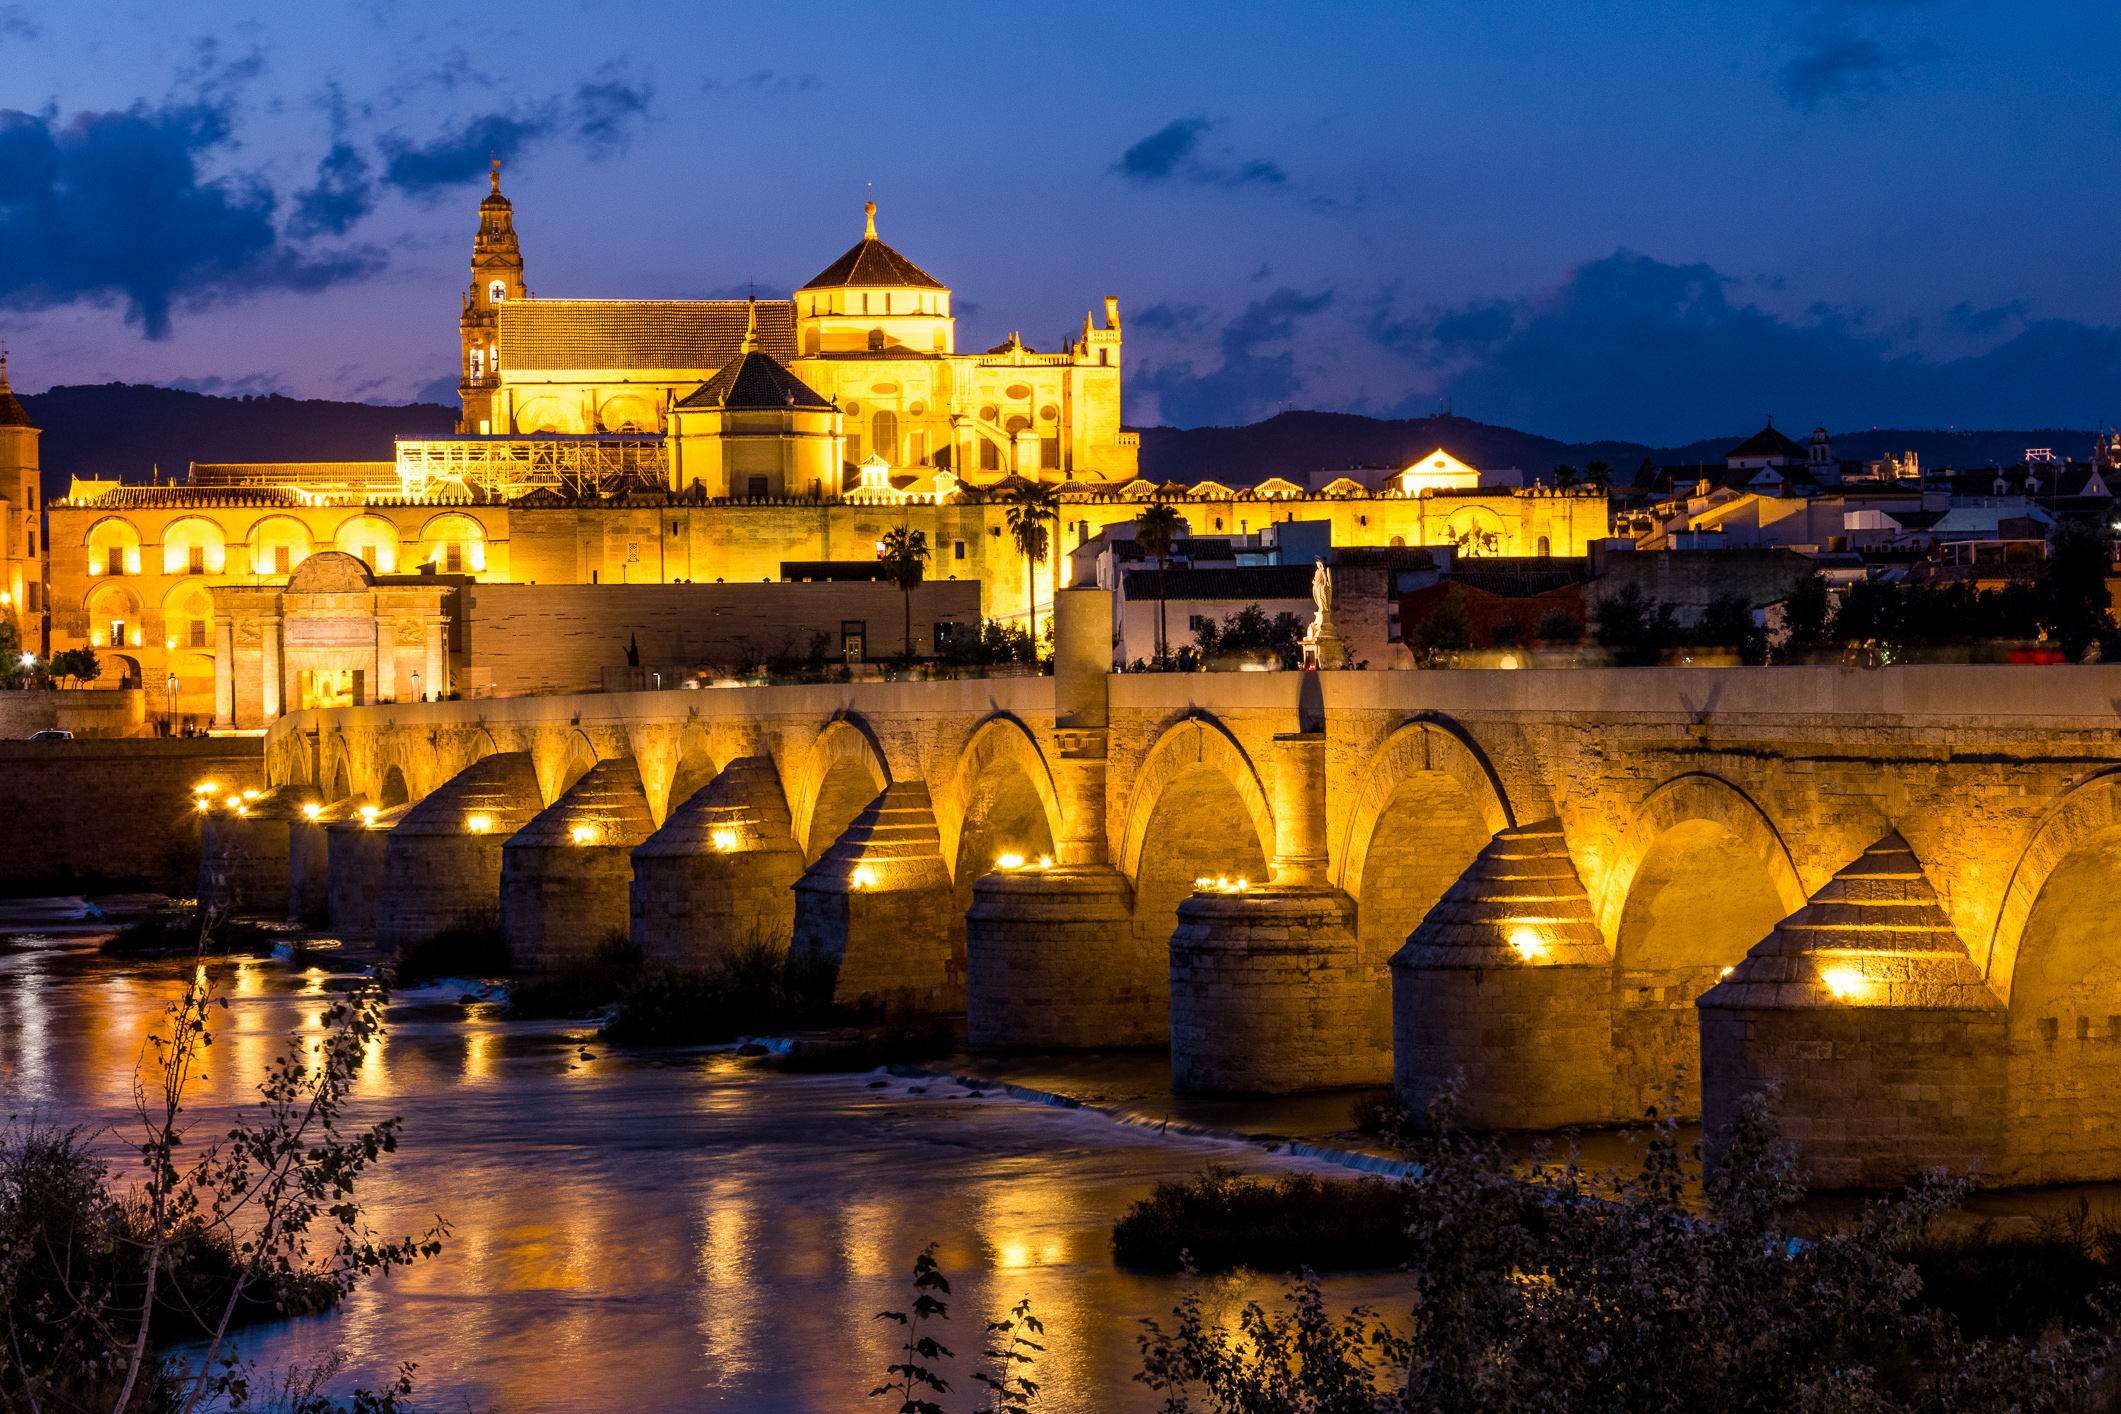 Römische Brücke in Córdoba